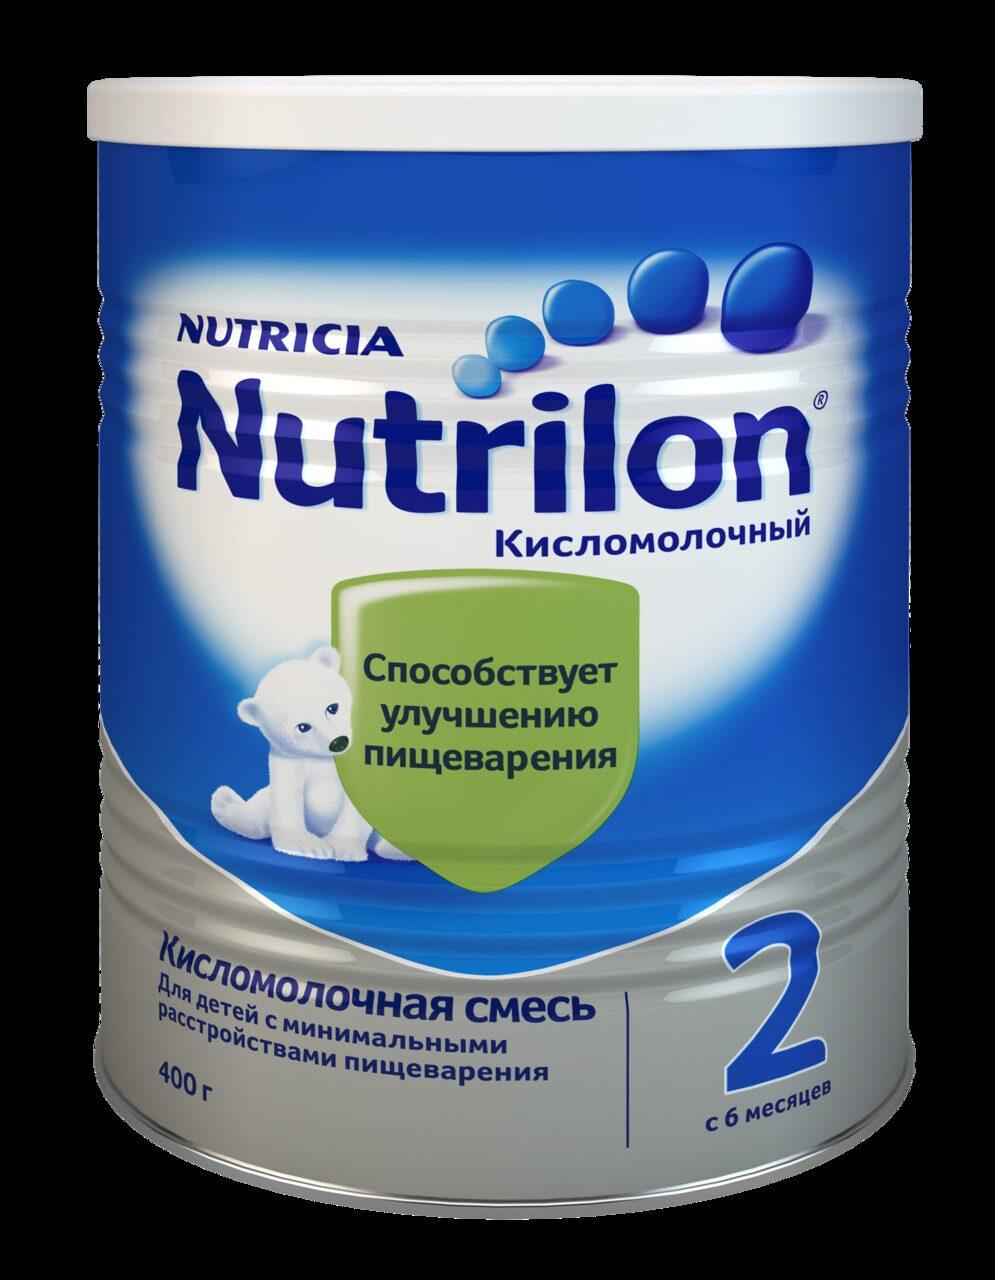 нутрилон пепти аллергия купить в нижнем